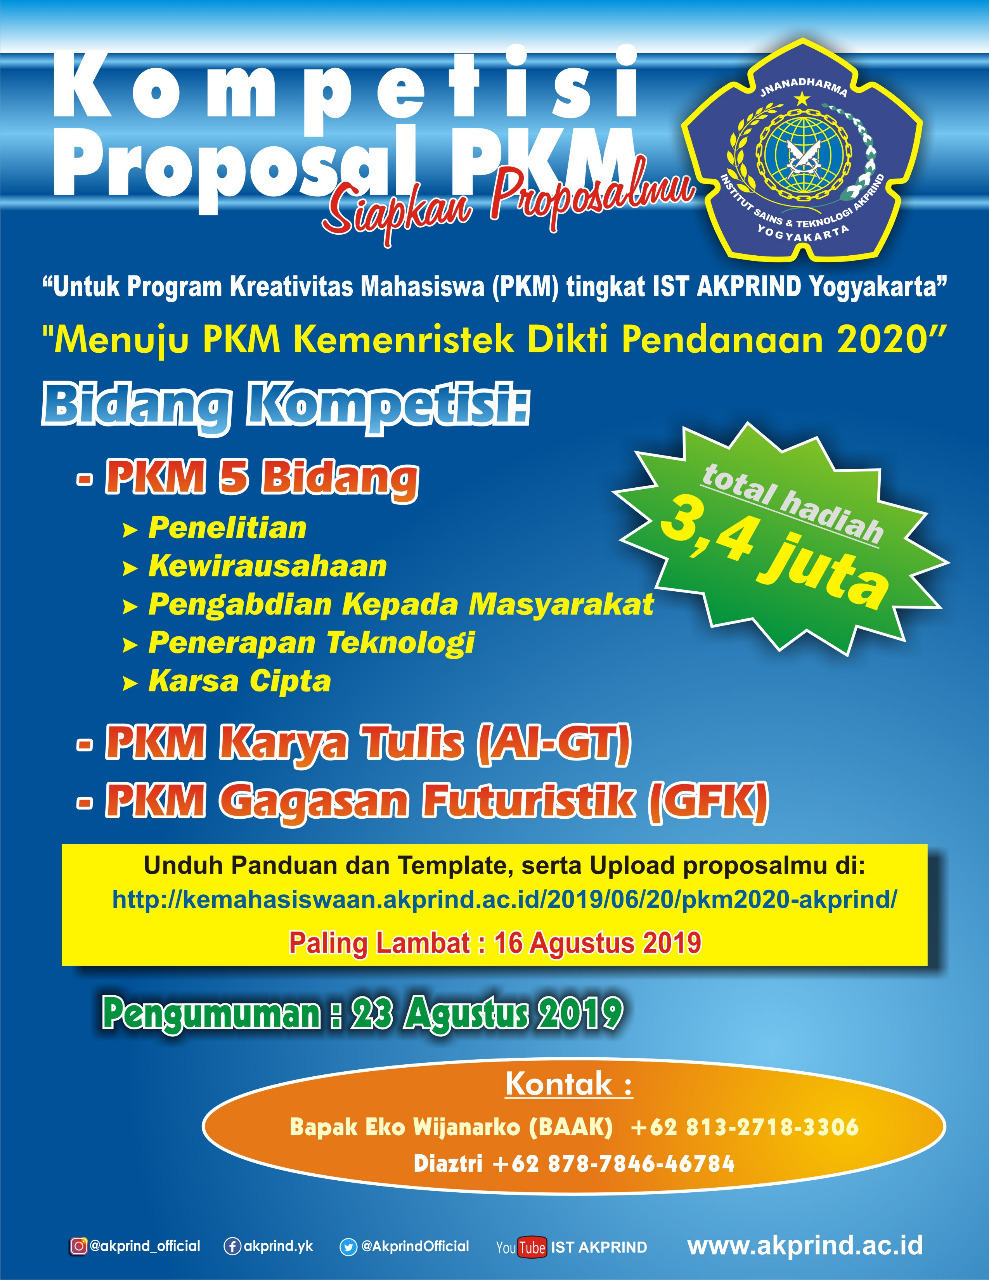 PENGUMUMAN: Kompetisi Internal Program Kreativitas Mahasiswa (PKM) 2019